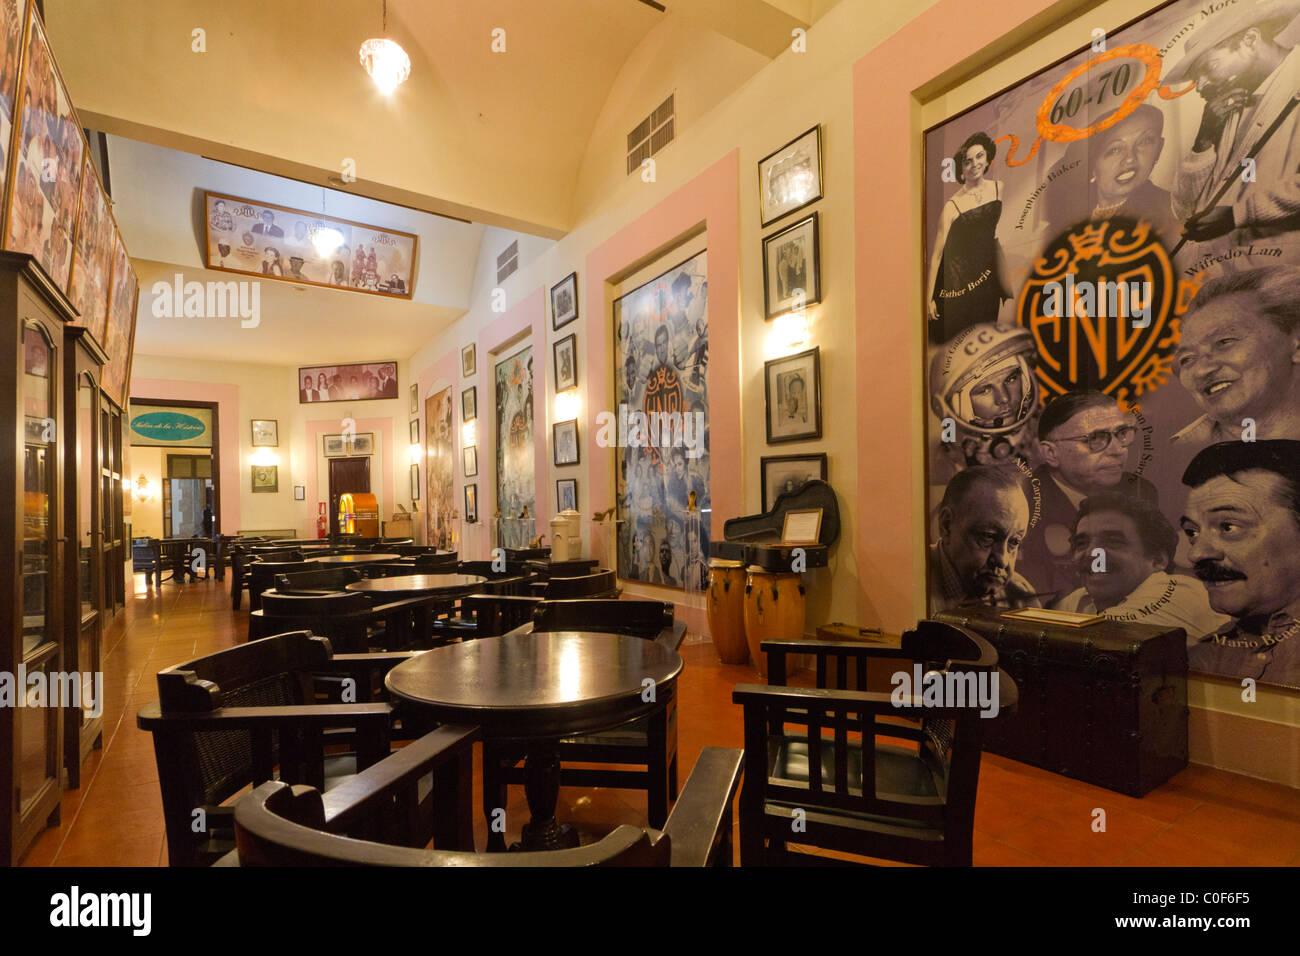 Hotel National Vedado, berühmten Bar zu den illustren Gästen Porträts, Kuba Stockbild